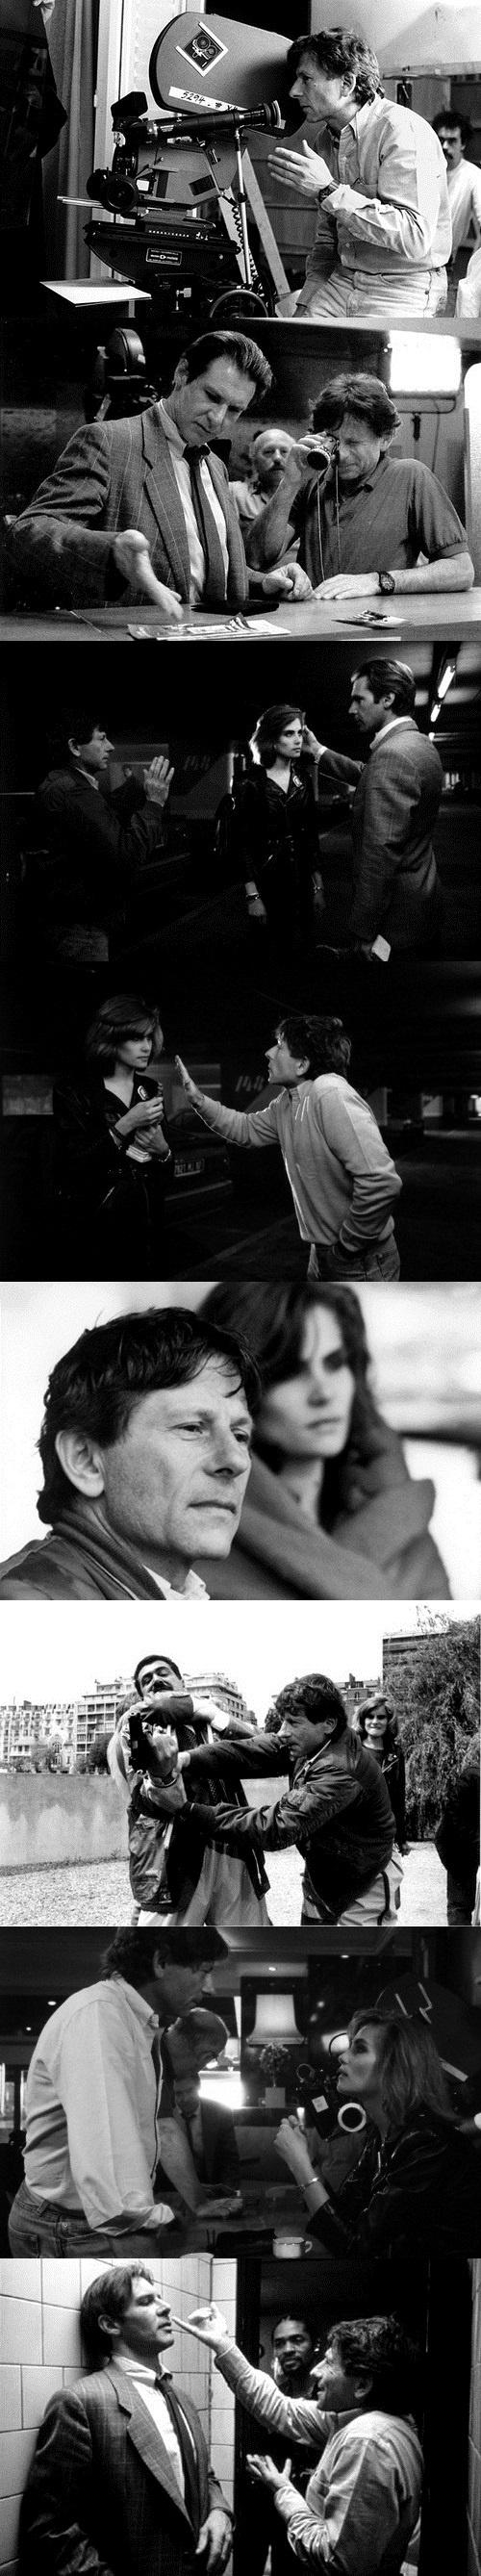 Roman Polanski, Harrison Ford, Betty Buckley & Emmanuelle Seigner. Frantic (1988) - Romam Polanski